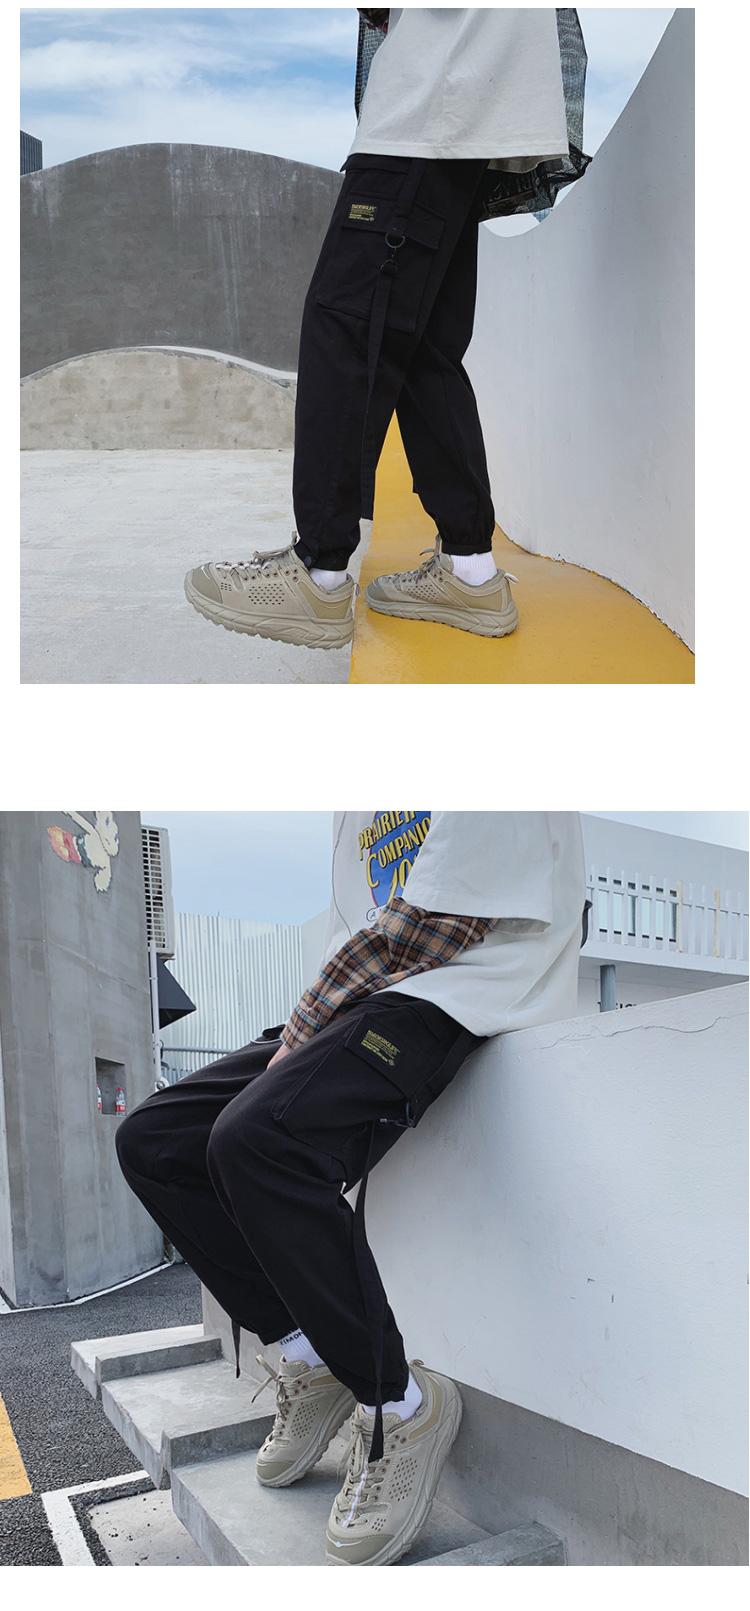 2020春季新款休闲工装裤宽松港风大码束脚裤哈伦九分裤K822-P55